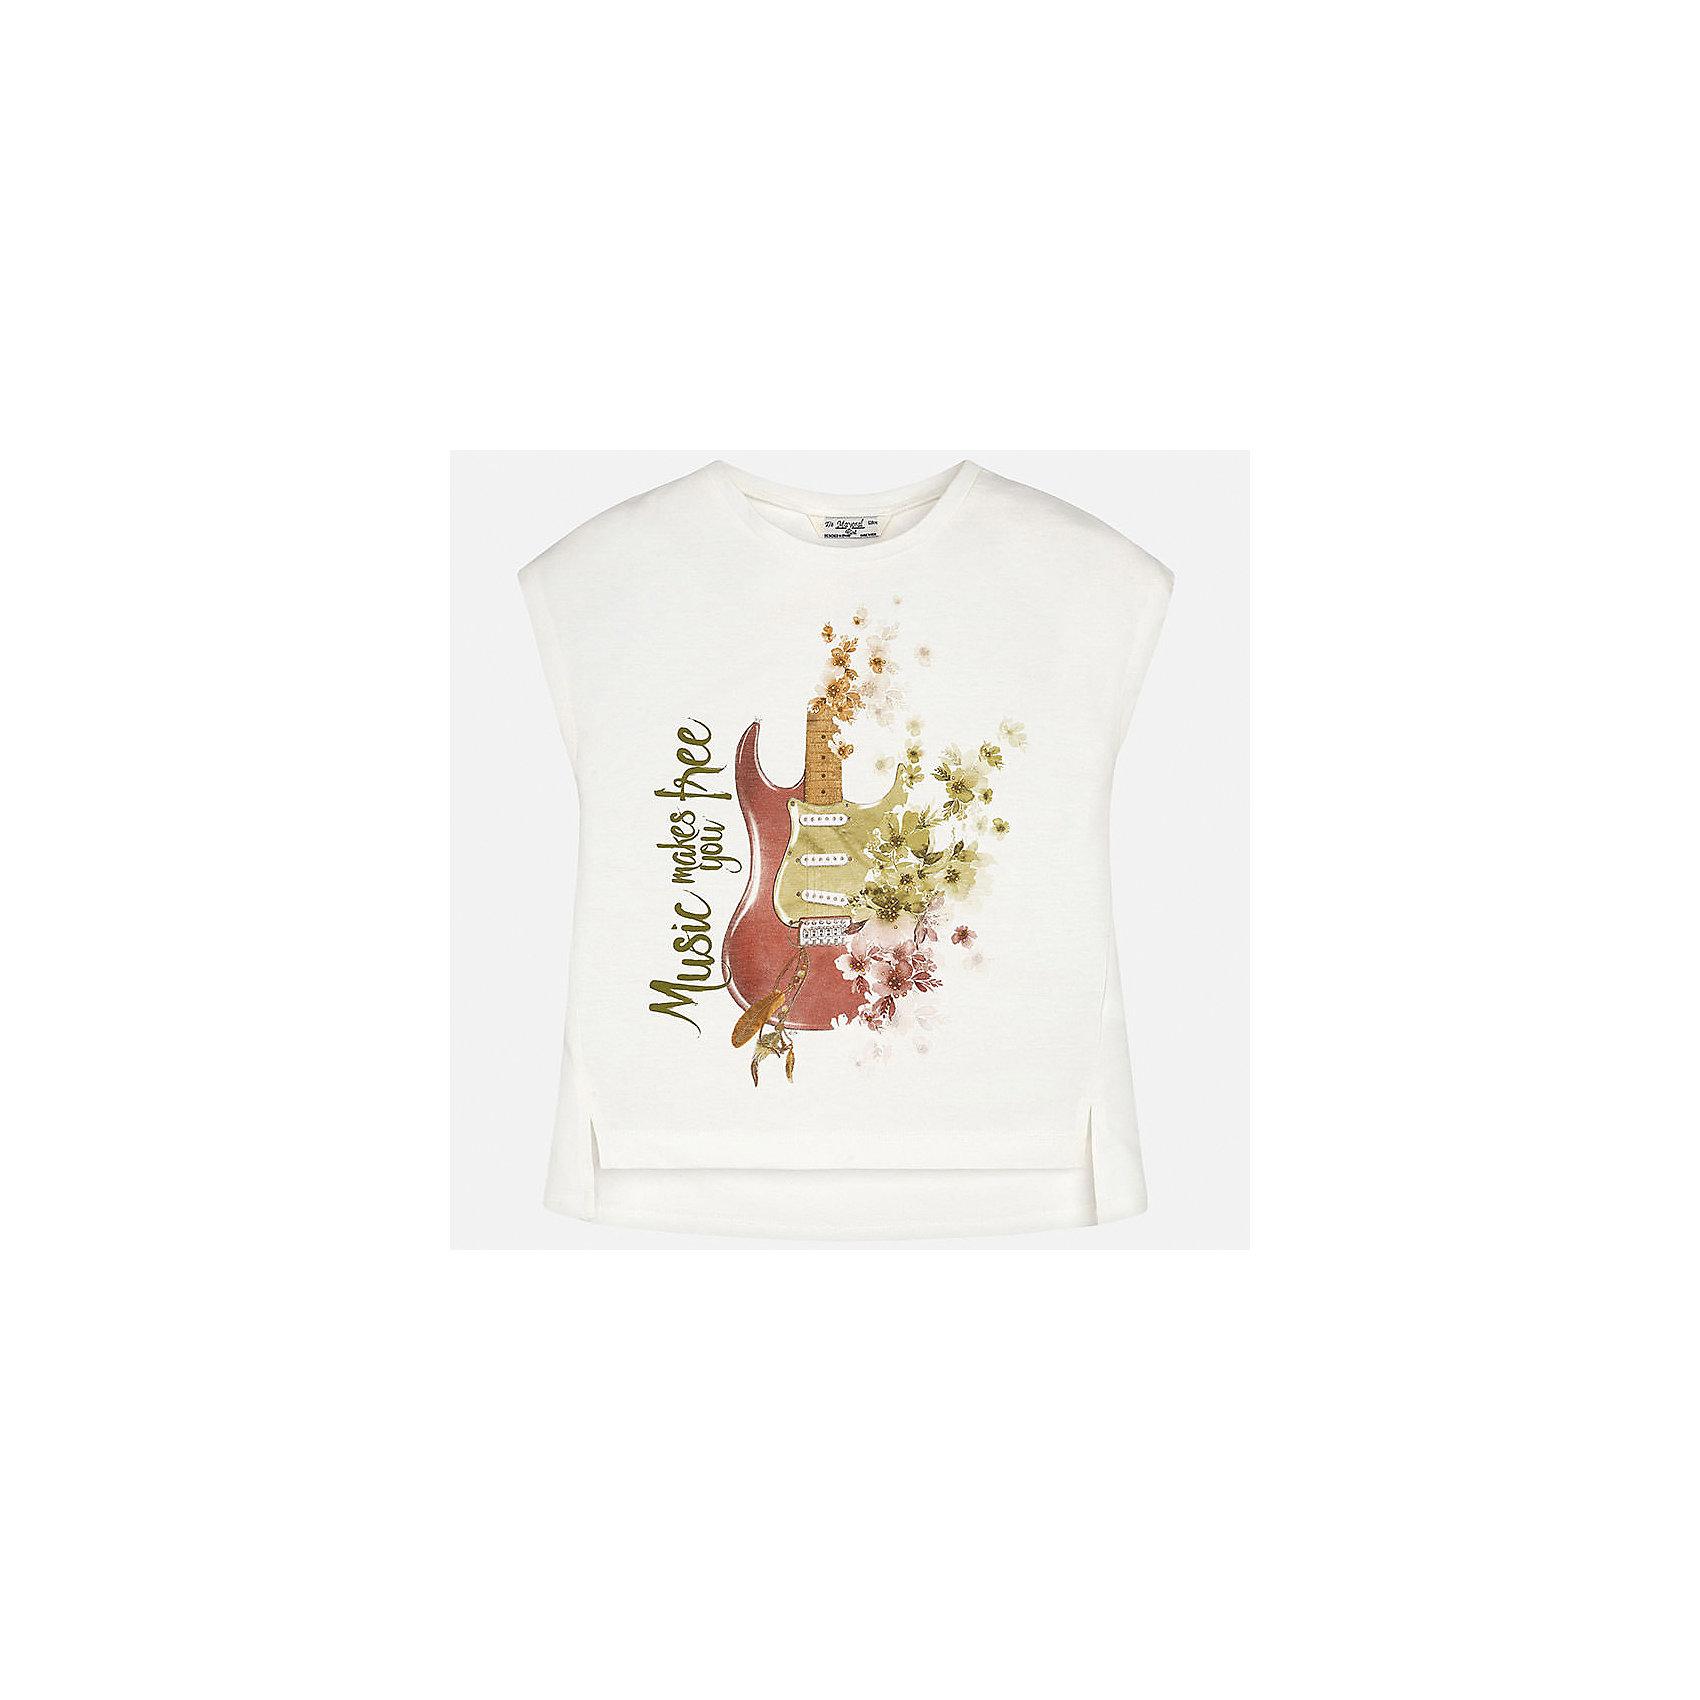 Футболка для девочки MayoralХарактеристики товара:<br><br>• цвет: белый<br>• состав: 50% хлопок, 50% полиэстер<br>• удлиненная спинка<br>• декорирована принтом<br>• без рукавов <br>• округлый горловой вырез<br>• страна бренда: Испания<br><br>Стильная качественная футболка для девочки поможет разнообразить гардероб ребенка и украсить наряд. Она отлично сочетается и с юбками, и с шортами, и с брюками. Универсальный цвет позволяет подобрать к вещи низ практически любой расцветки. Интересная отделка модели делает её нарядной и оригинальной. В составе материала есть натуральный хлопок, гипоаллергенный, приятный на ощупь, дышащий.<br><br>Одежда, обувь и аксессуары от испанского бренда Mayoral полюбились детям и взрослым по всему миру. Модели этой марки - стильные и удобные. Для их производства используются только безопасные, качественные материалы и фурнитура. Порадуйте ребенка модными и красивыми вещами от Mayoral! <br><br>Футболку для девочки от испанского бренда Mayoral (Майорал) можно купить в нашем интернет-магазине.<br><br>Ширина мм: 199<br>Глубина мм: 10<br>Высота мм: 161<br>Вес г: 151<br>Цвет: белый<br>Возраст от месяцев: 84<br>Возраст до месяцев: 96<br>Пол: Женский<br>Возраст: Детский<br>Размер: 128/134,170,164,158,152,140<br>SKU: 5292470